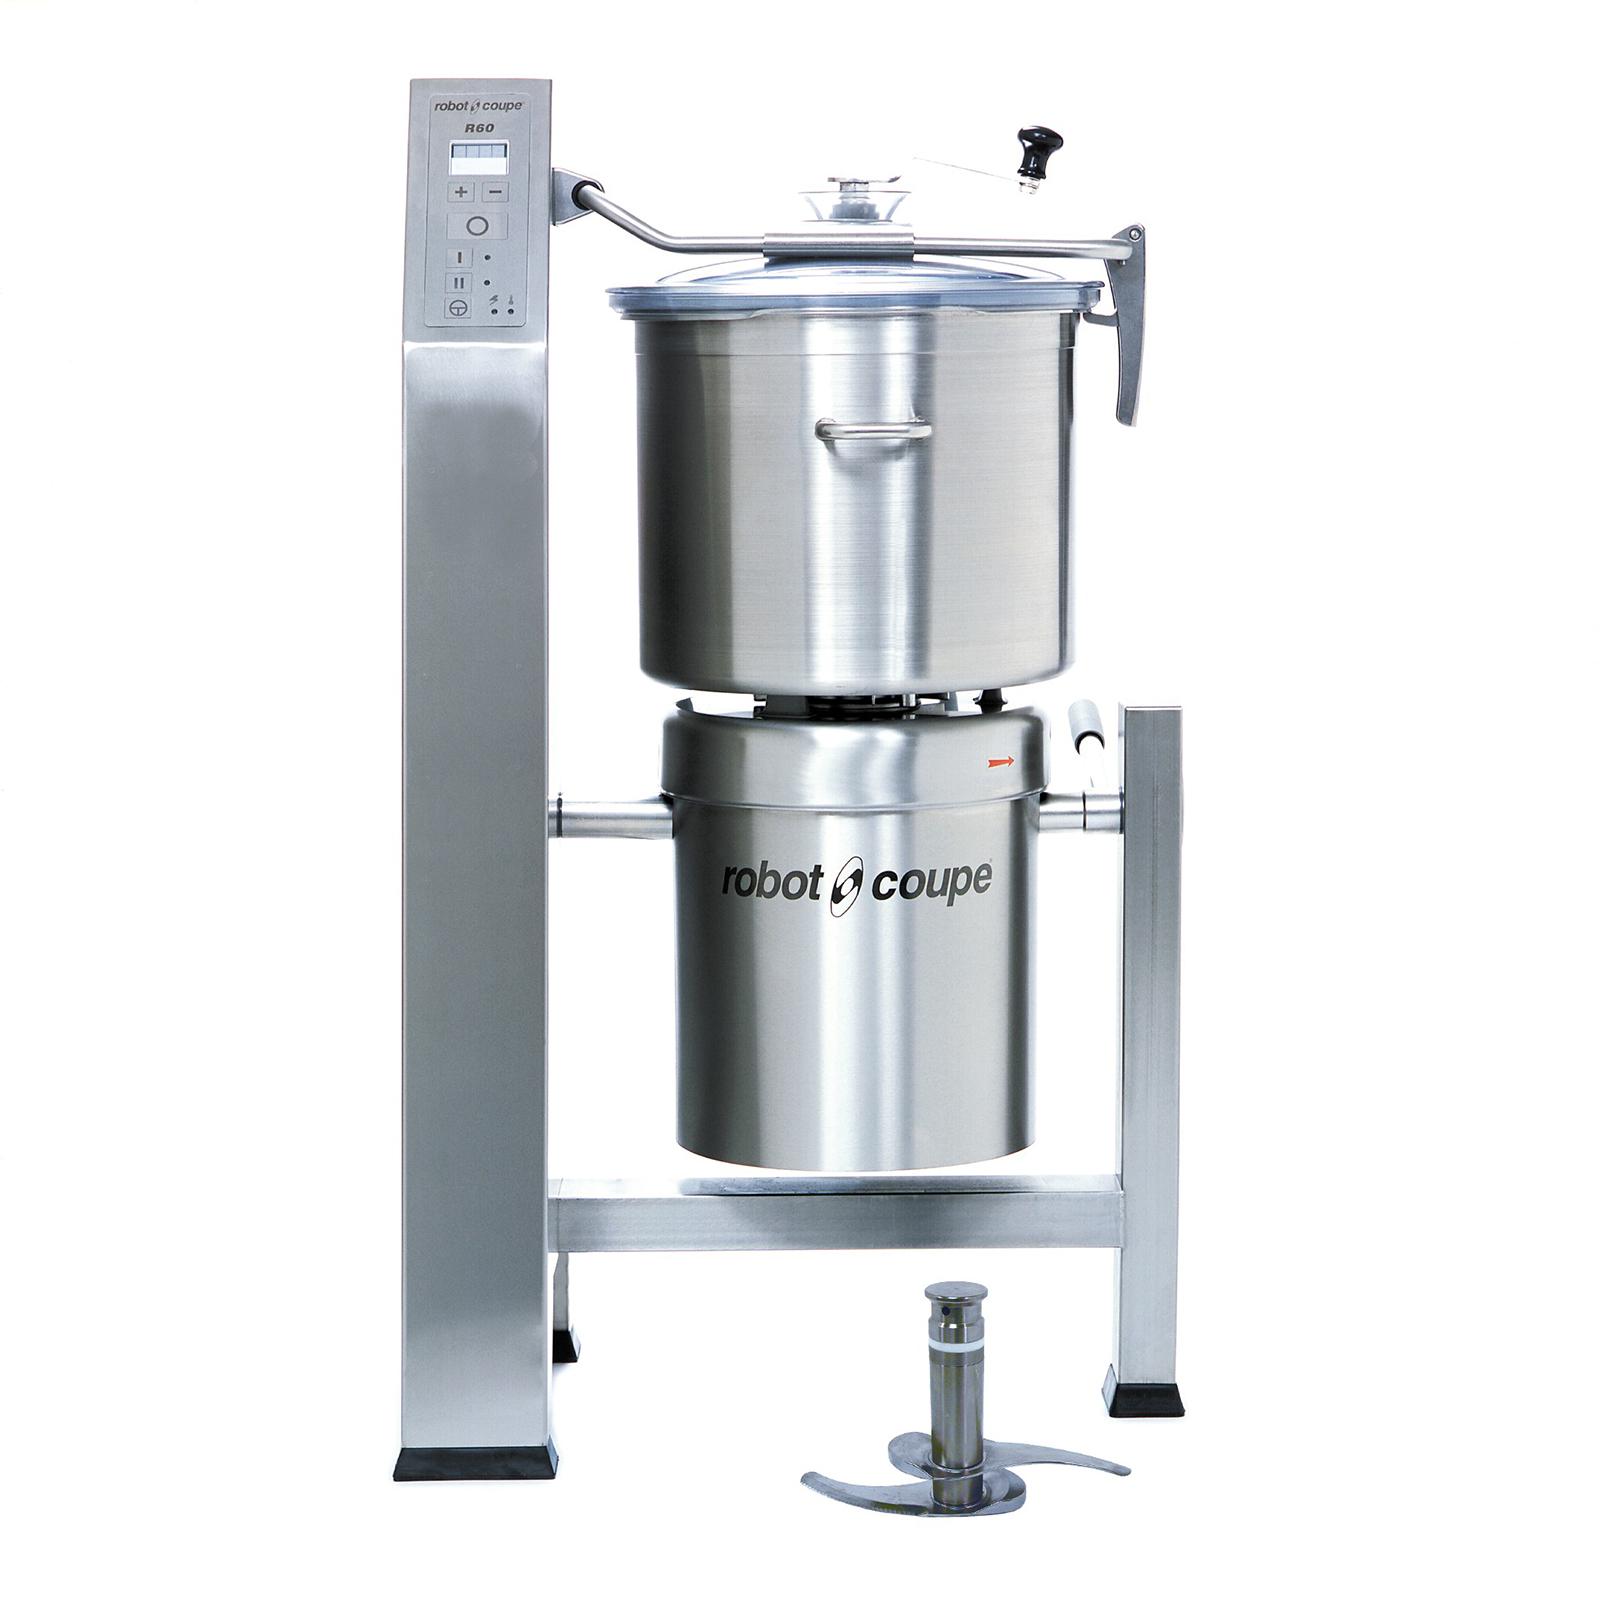 Robot Coupe BLIXER 60 food processor, floor model